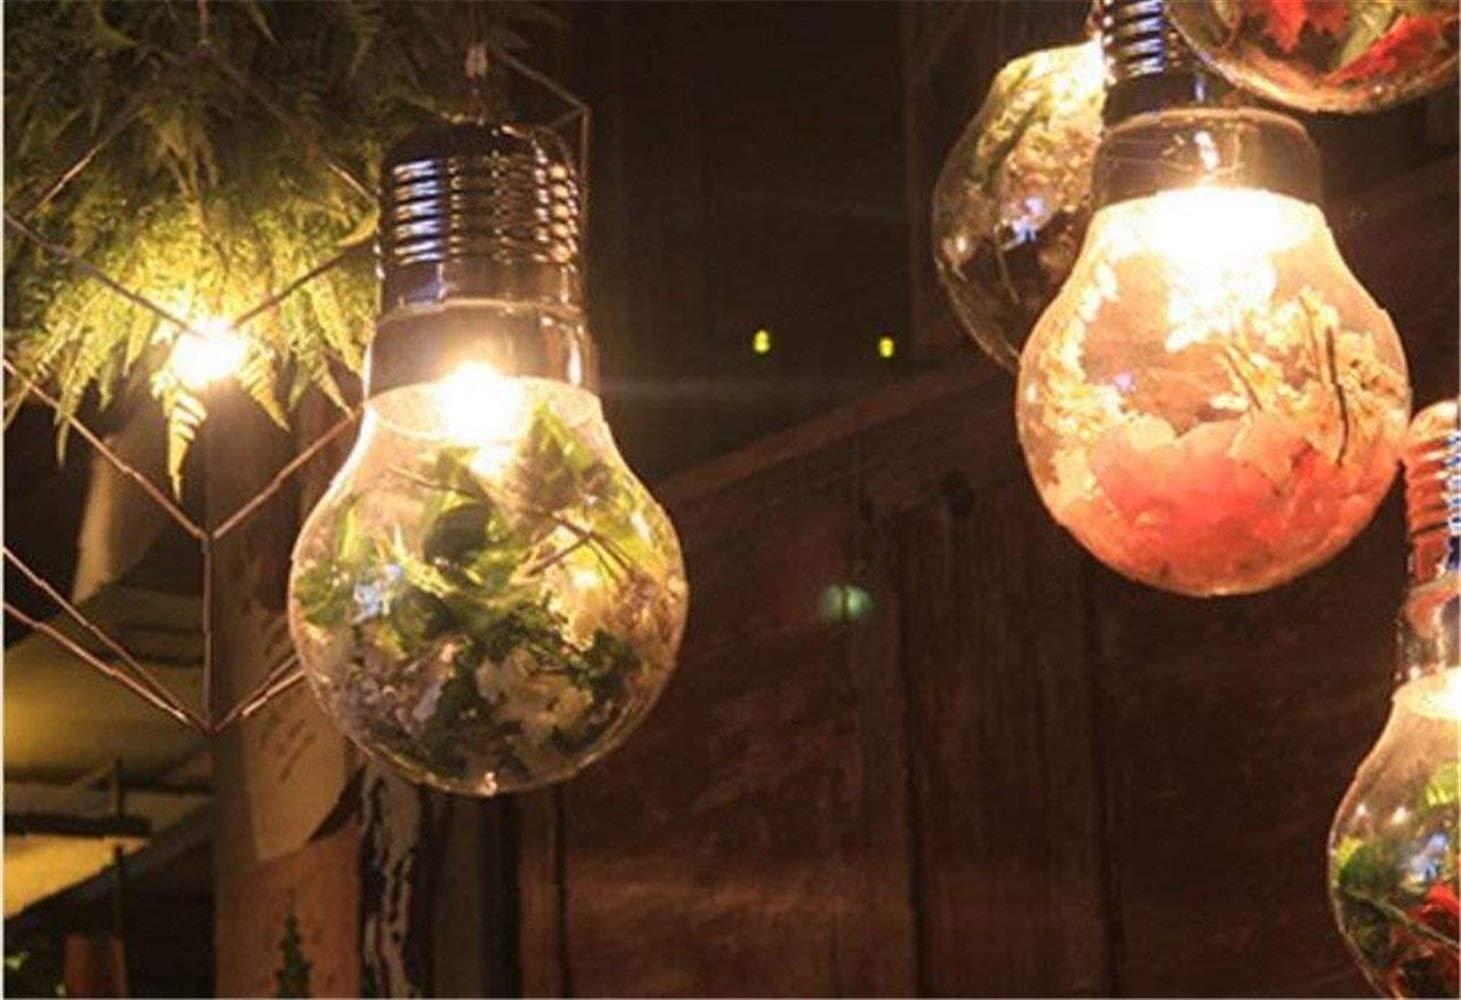 Eeayyygch Deckenleuchte Kronleuchter Kronleuchter Kronleuchter Nordischen Stil Garten Wohnzimmer Esszimmer Schlafzimmer Leuchte Glas Lampenschirm, 15  25 cm (Farbe   -, Größe   -) 999bf3